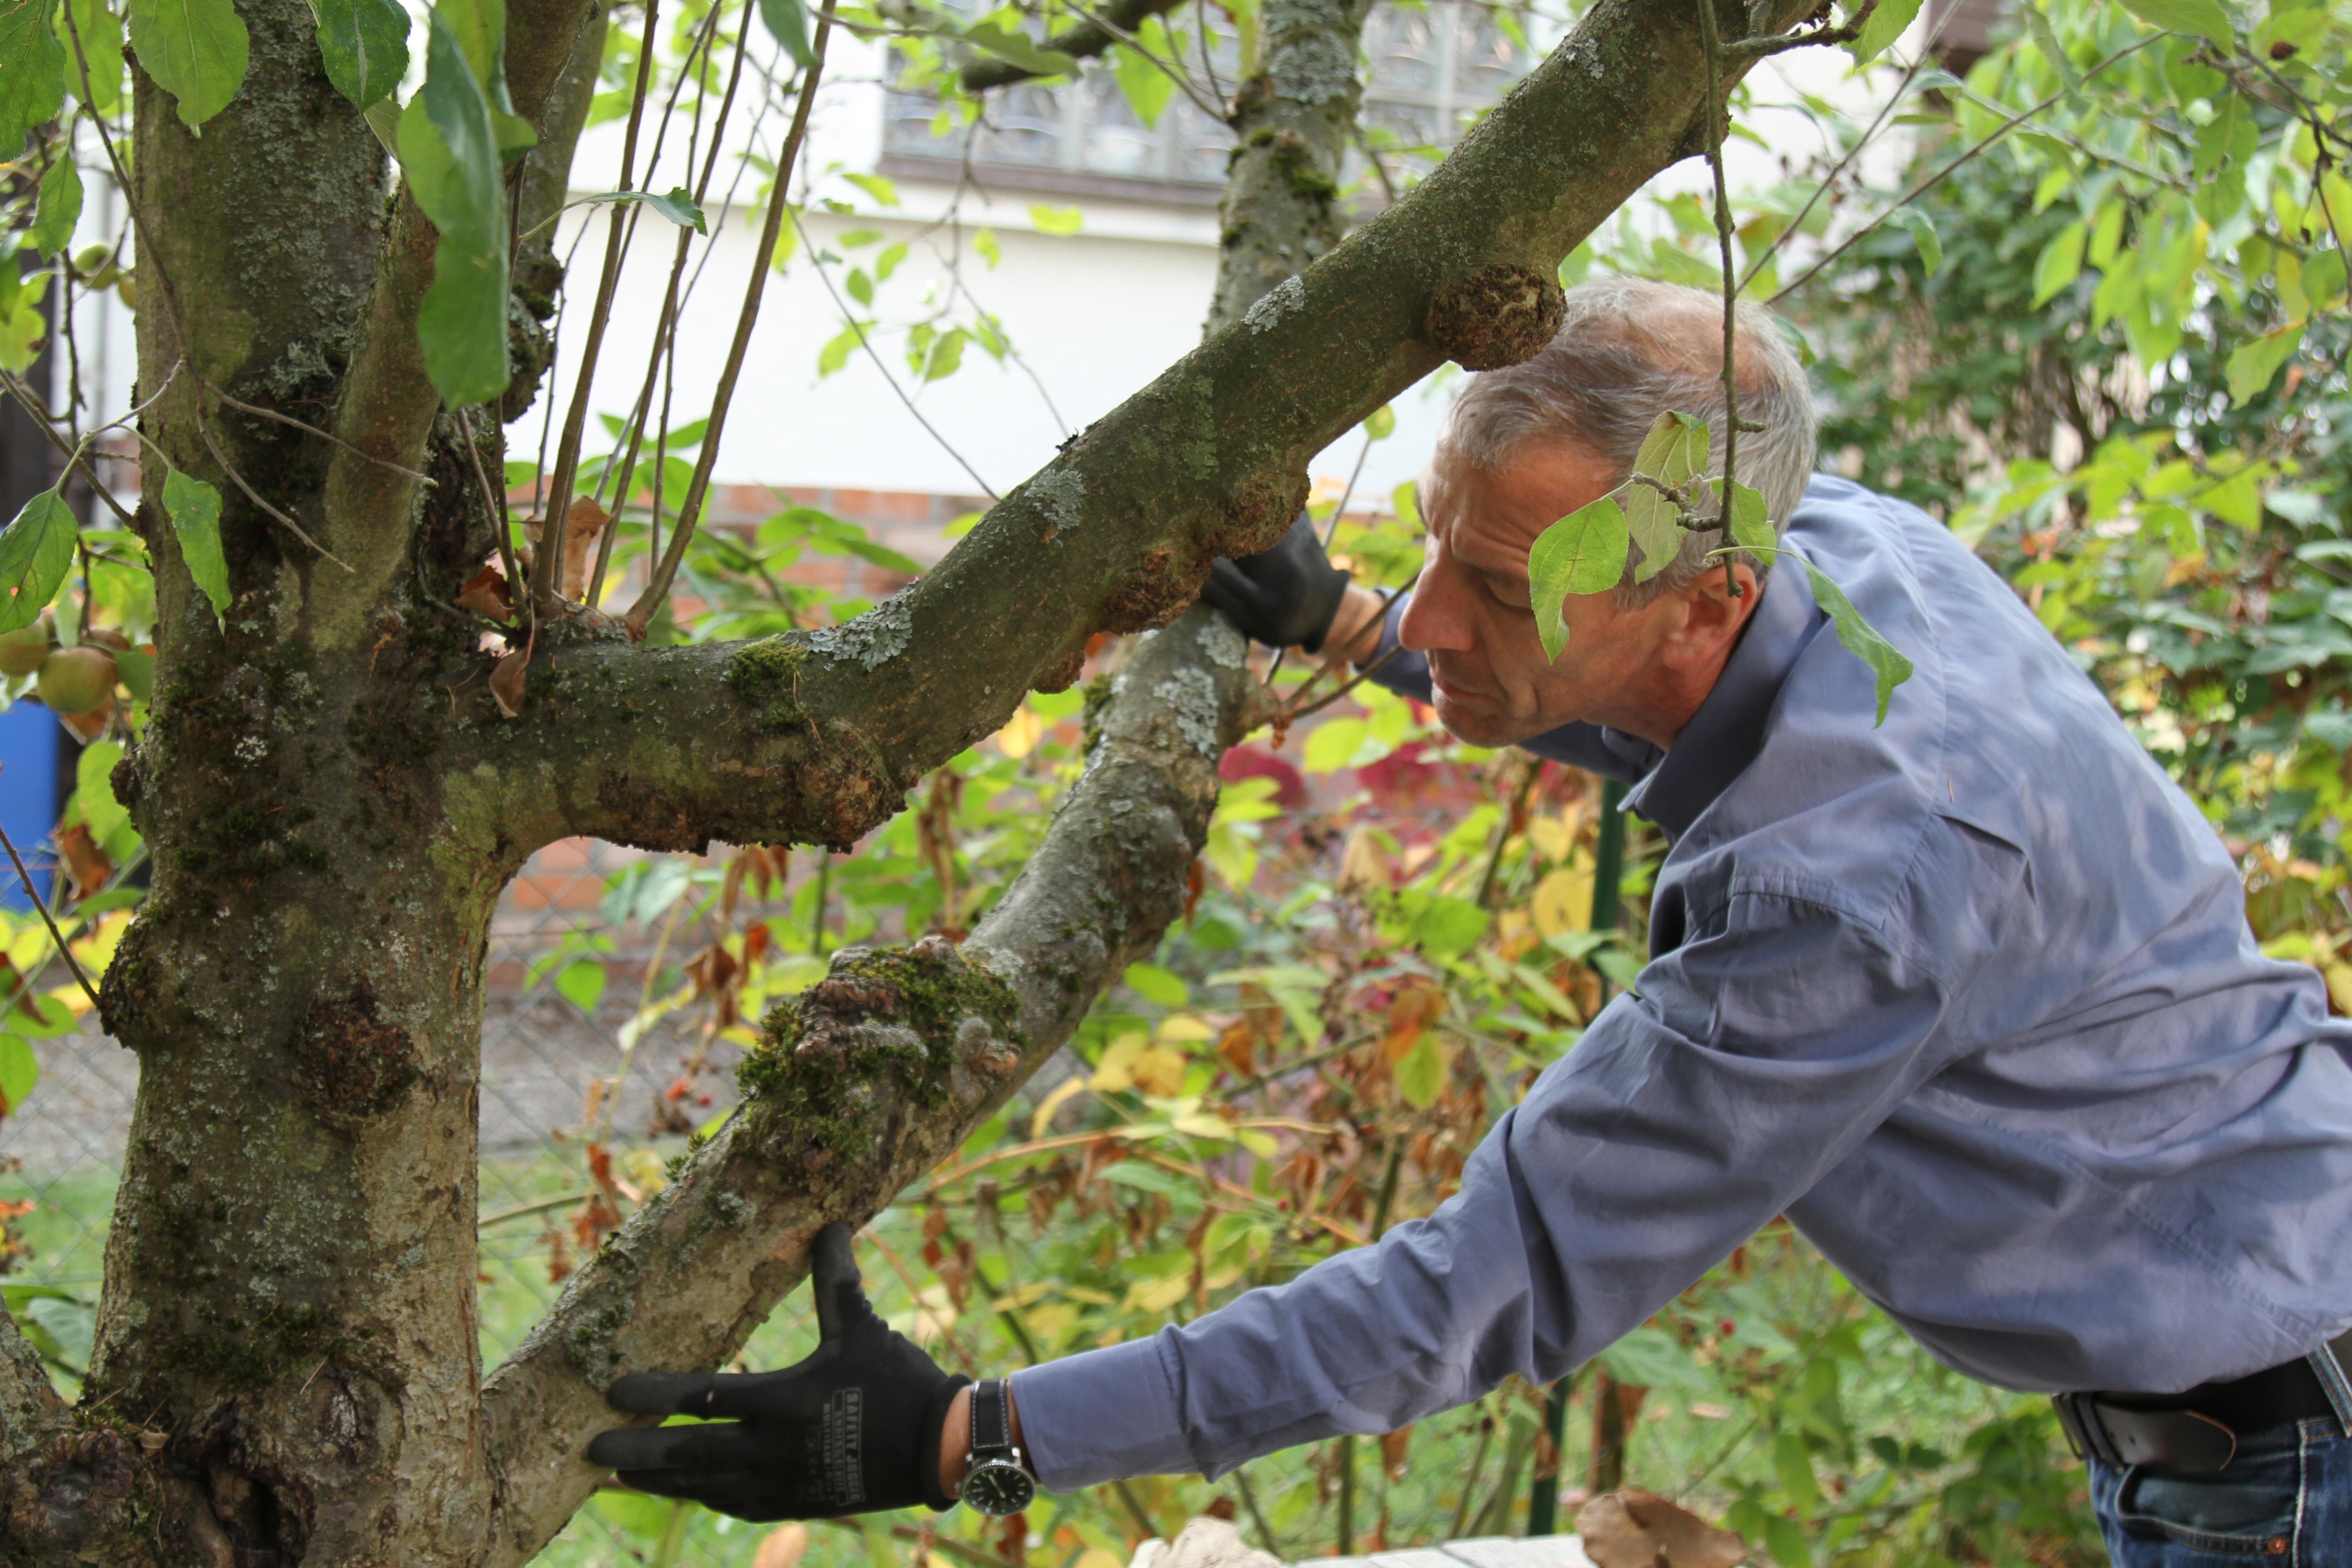 Sturmsicherer Garten Bäume Im Herbst überprüfen